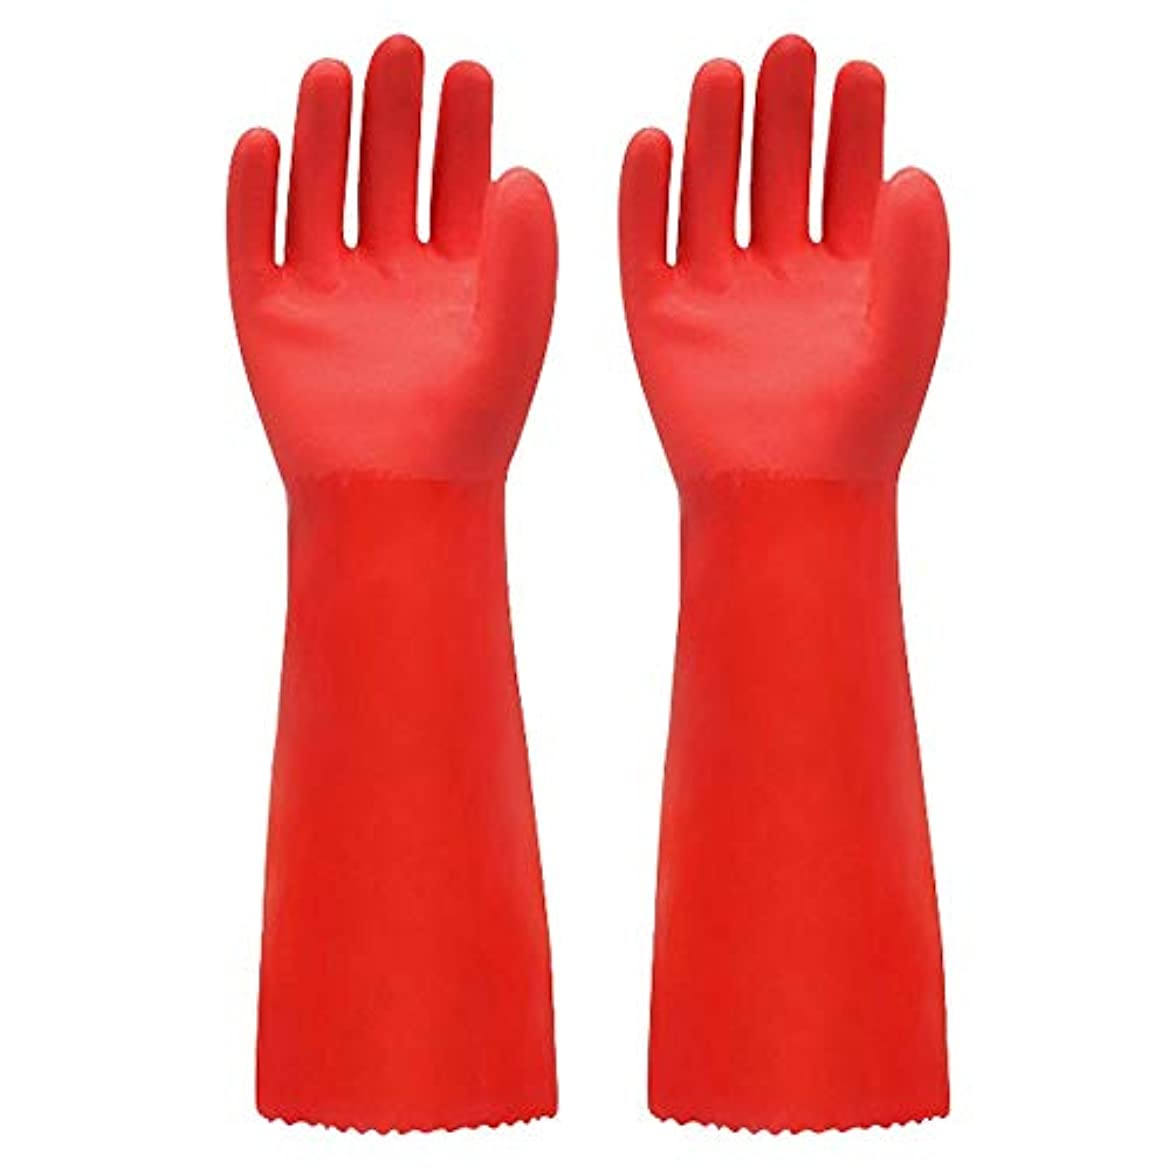 コーナー順応性アトミック使い捨て手袋 ゴム手袋長く暖かいとビロードのゴム製防水と耐久性のある手袋、1ペア ニトリルゴム手袋 (Color : RED, Size : L)